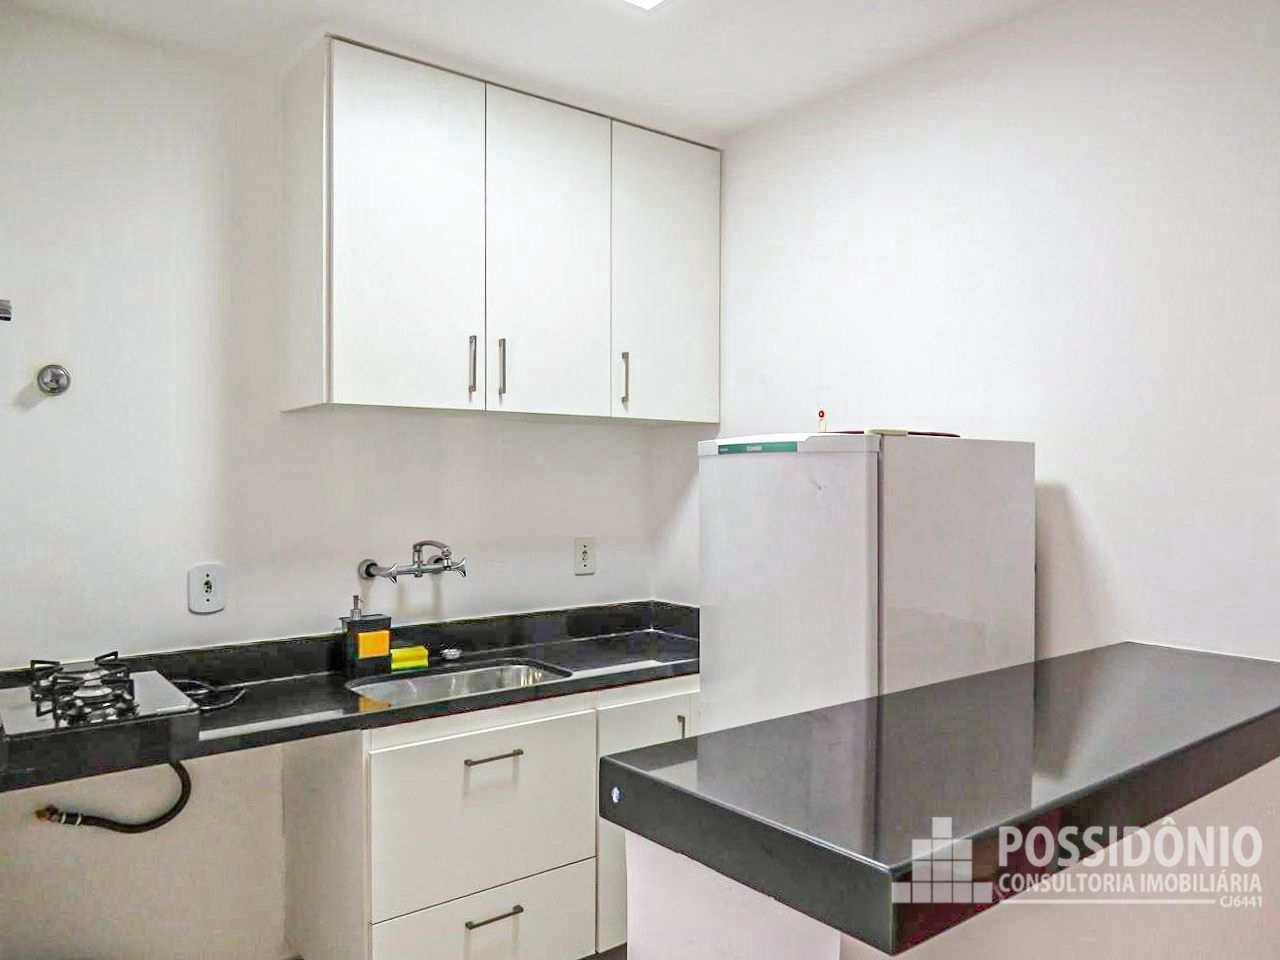 Apartamento em Barra da Tijuca, Rio de Janeiro. Cód. 300.